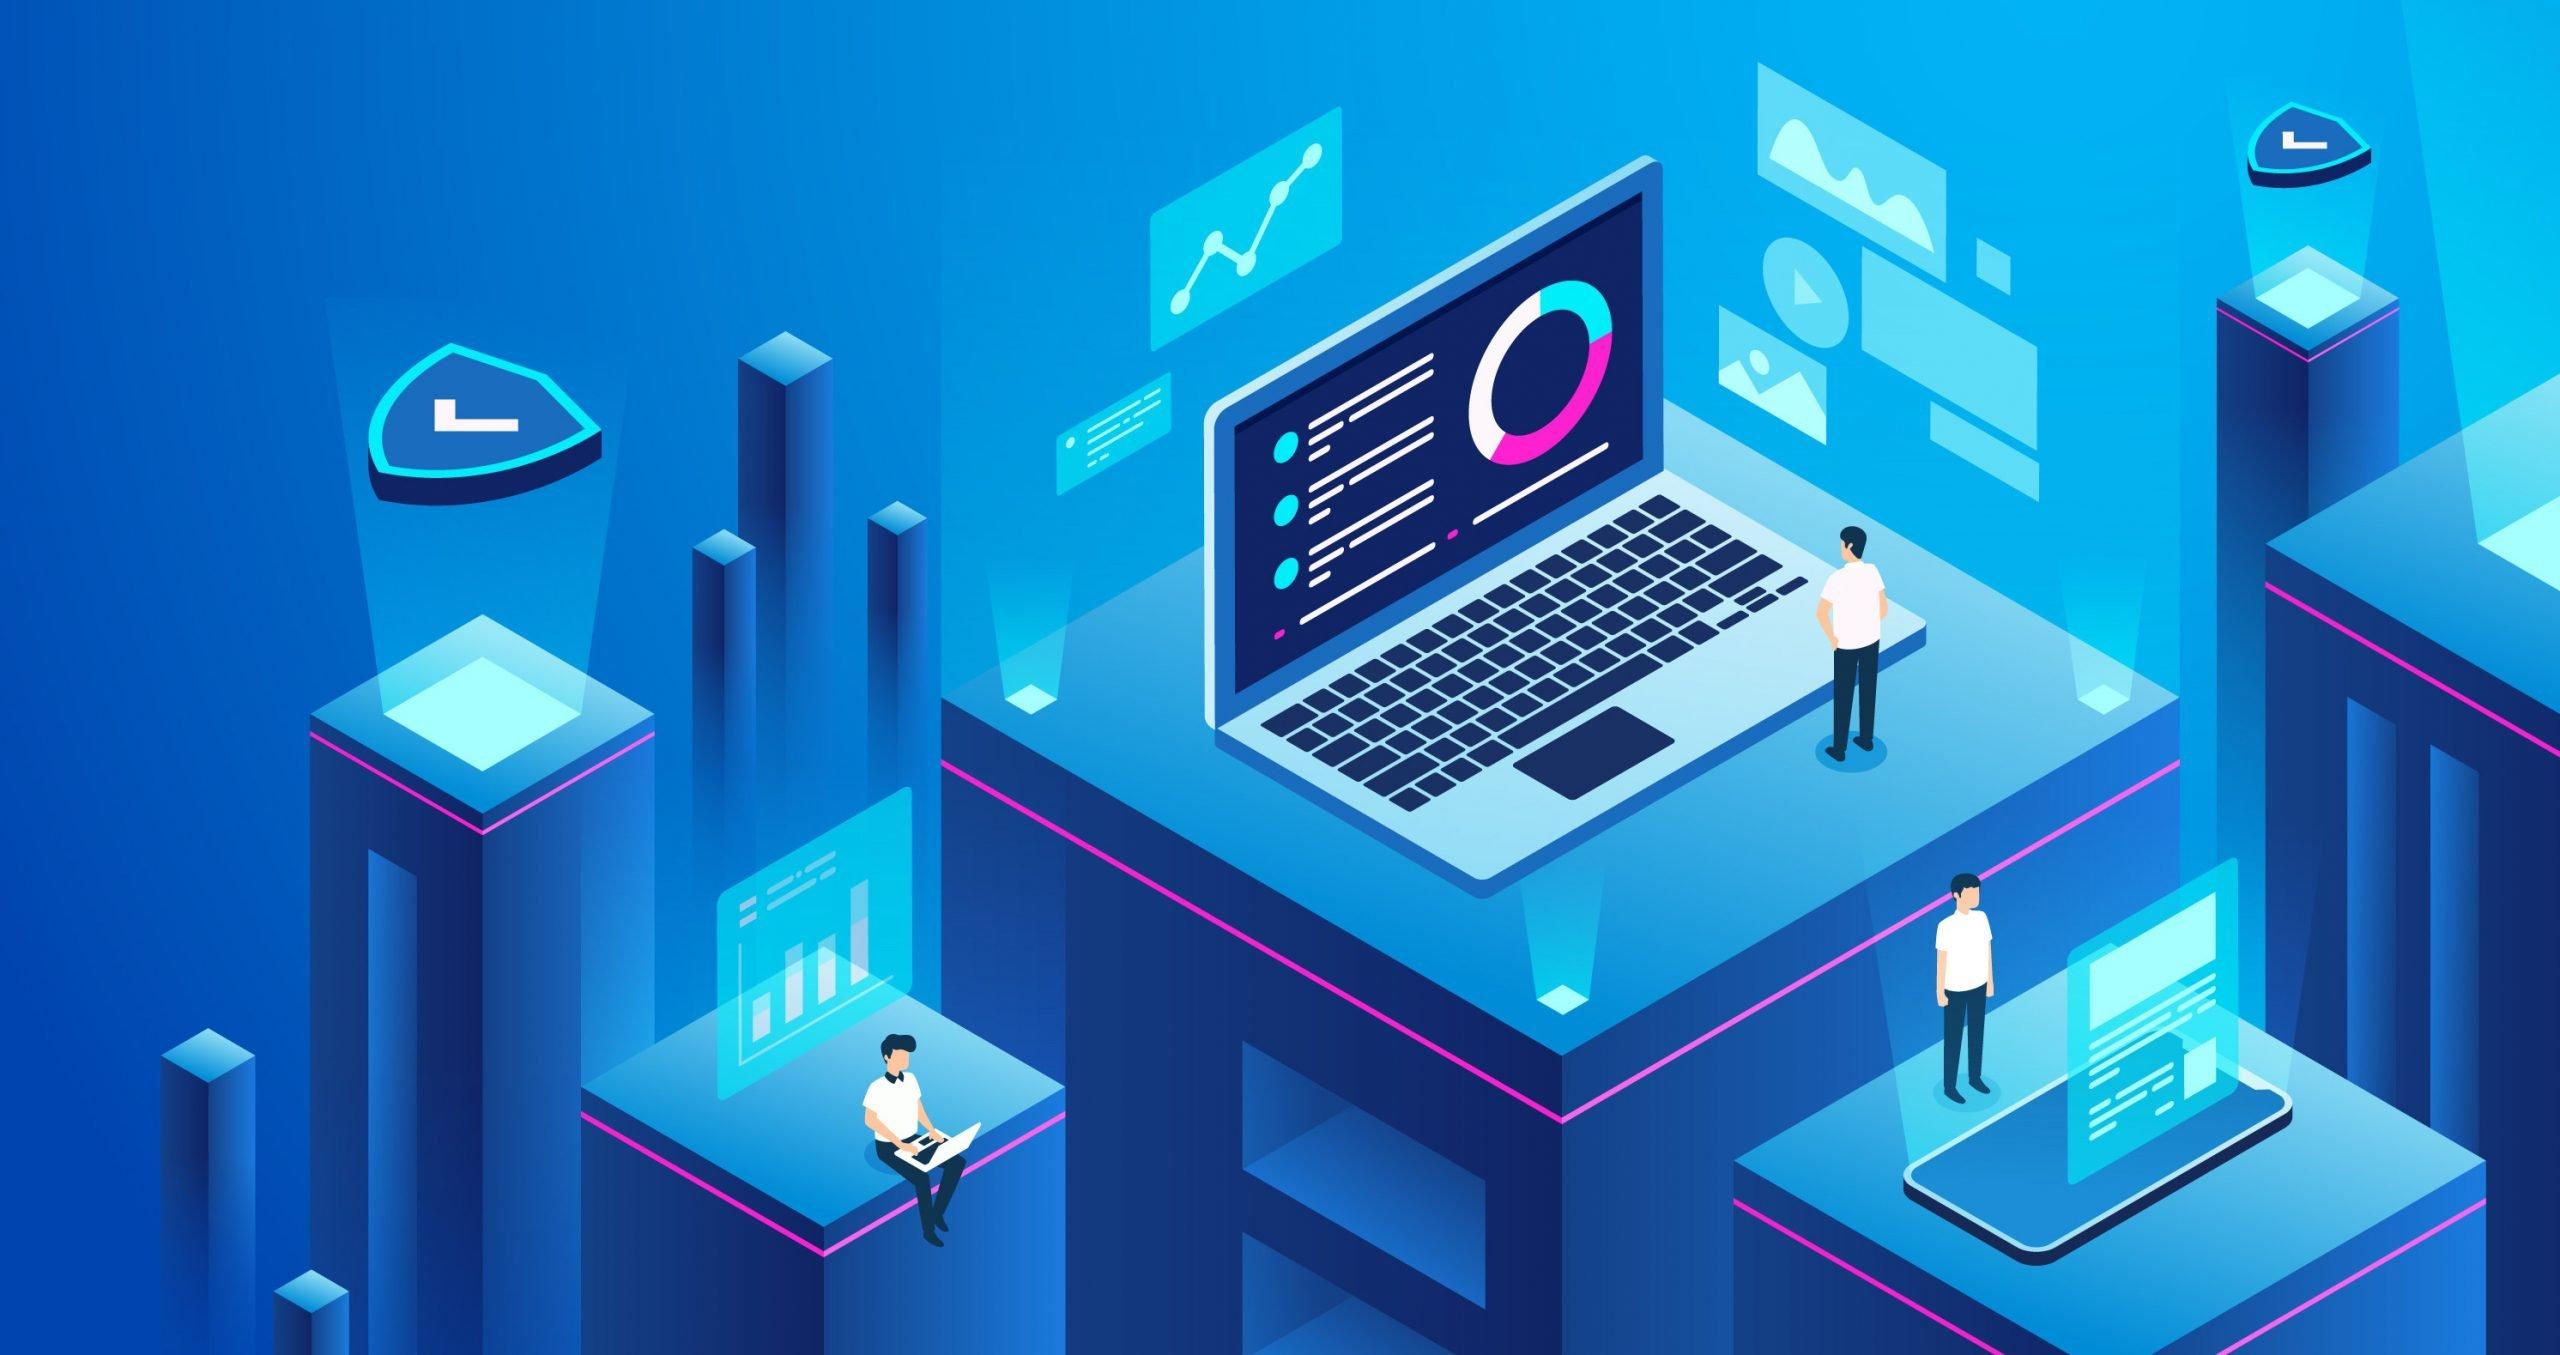 gestión de calidad 1 scaled - Come scegliere il giusto software di controllo qualità